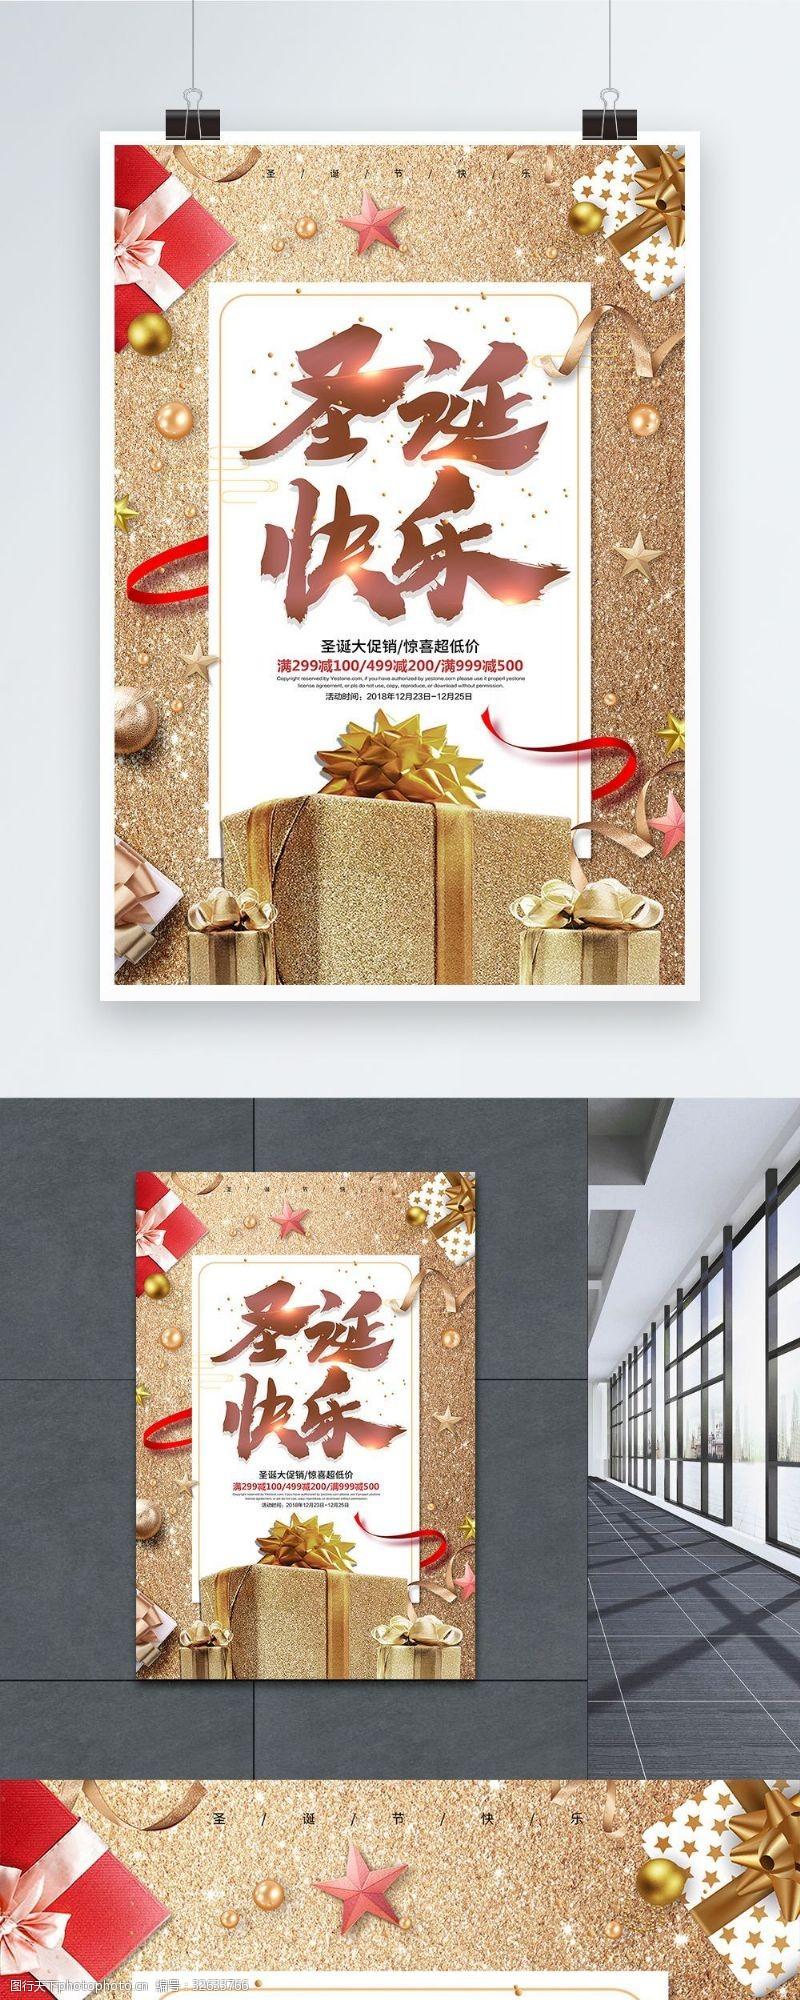 节日海报圣诞节大气金色圣诞节促销海报